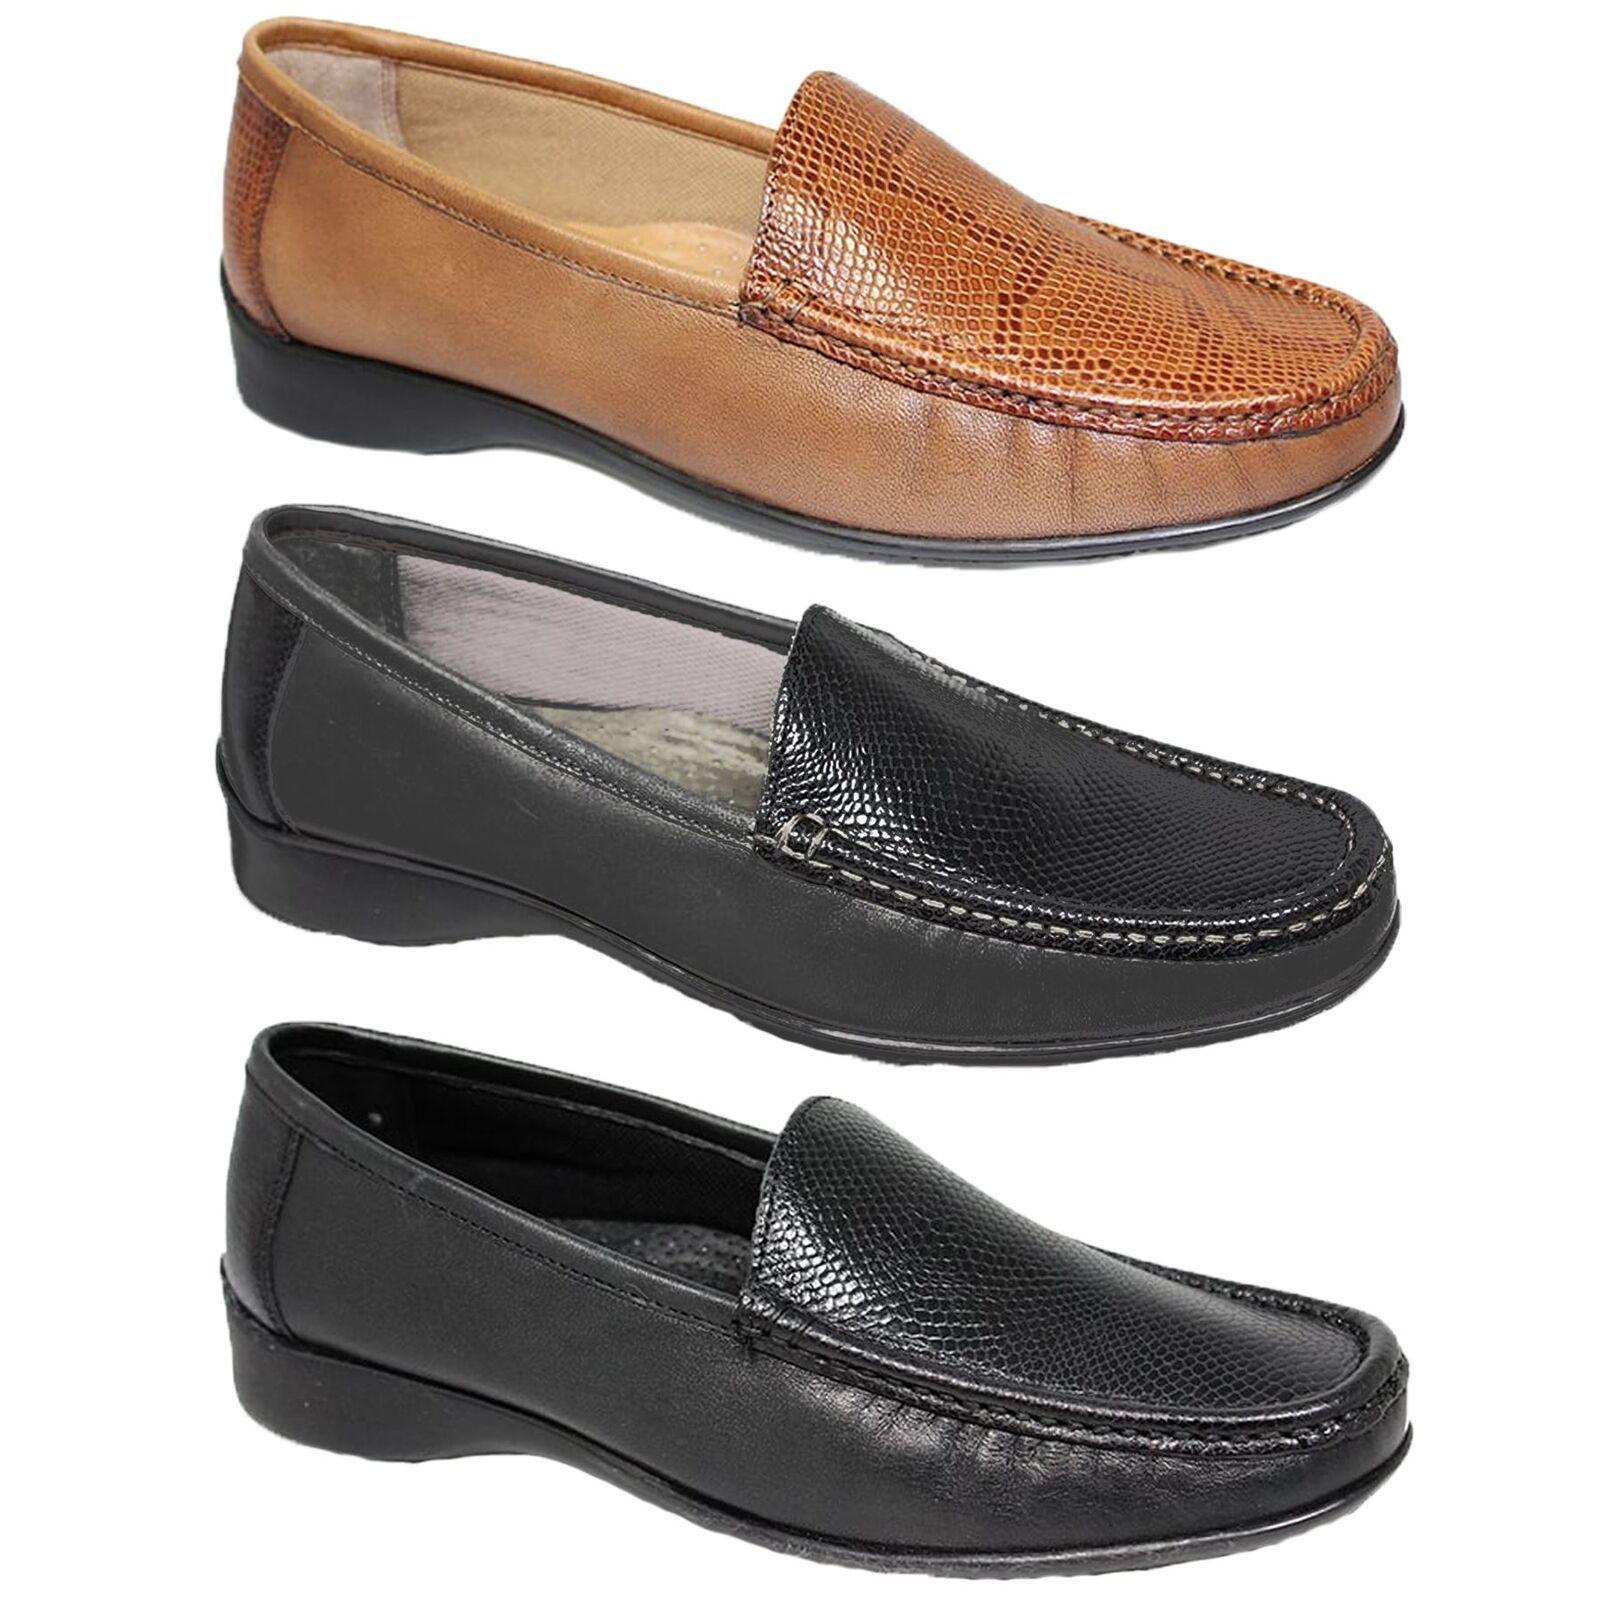 FLV002 Jenny Leder Moccasin Two Tone Loafer Snake Print Schuhes Flats